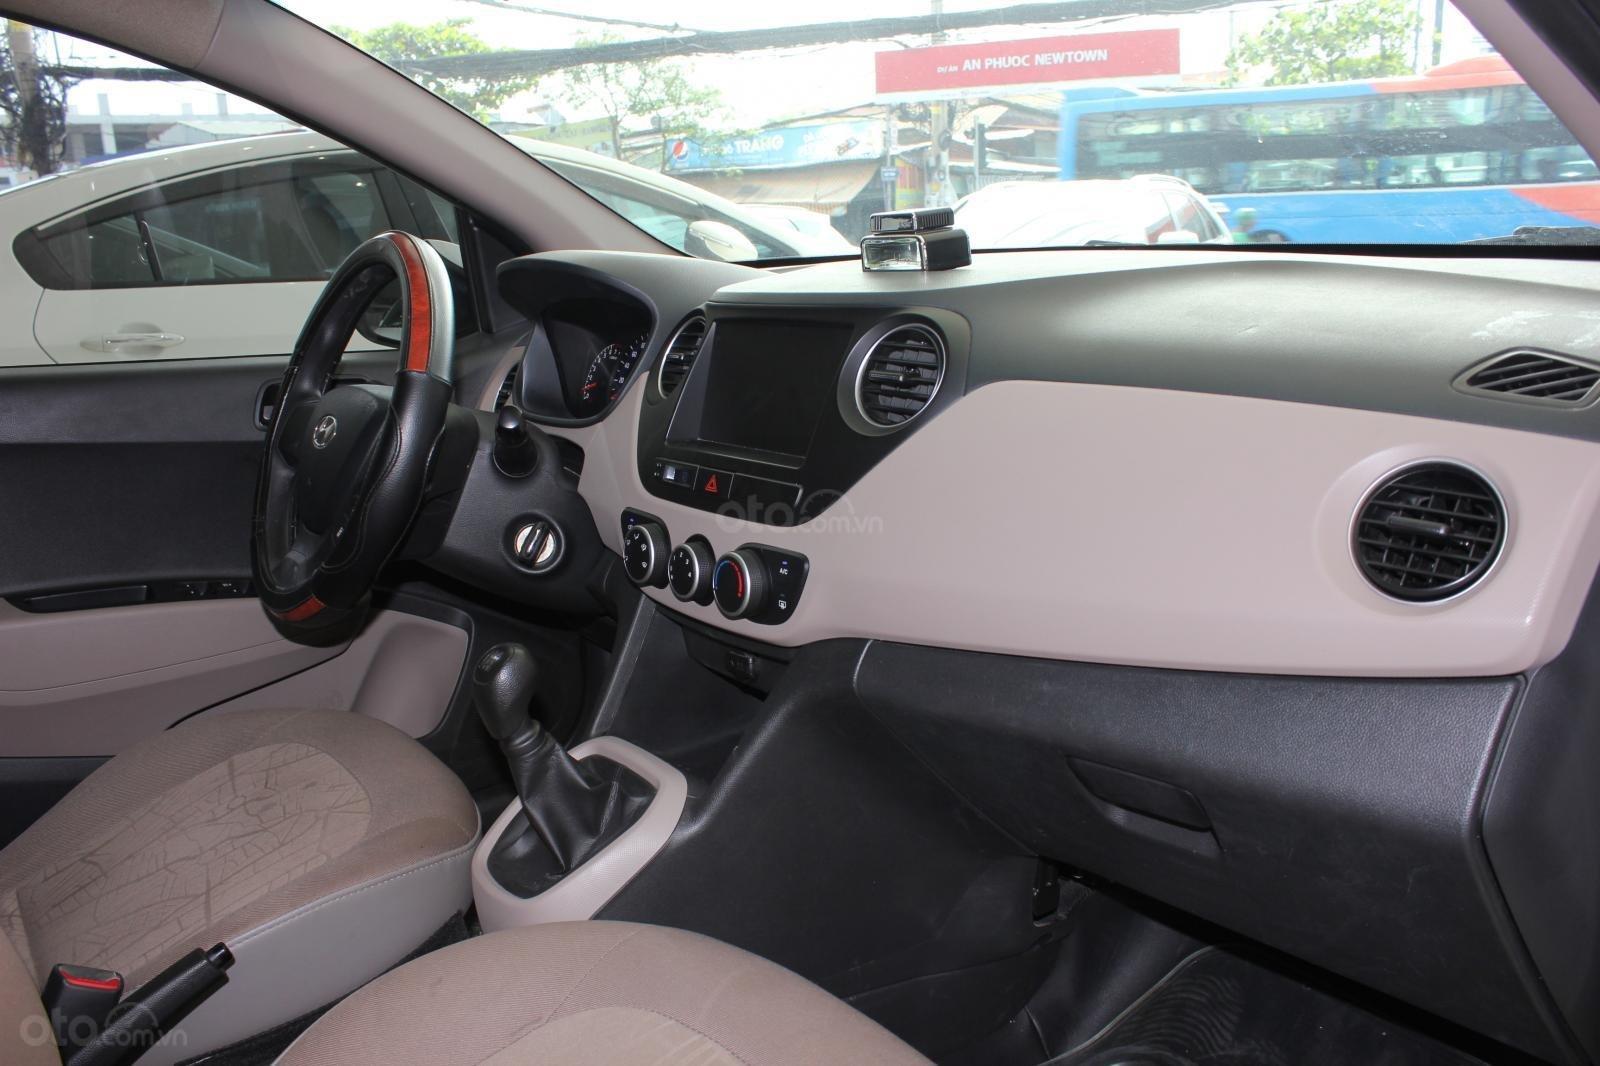 Cần bán xe Hyundai Grand i10 1.2 MT, năm 2018, màu trắng, giá 335tr (15)